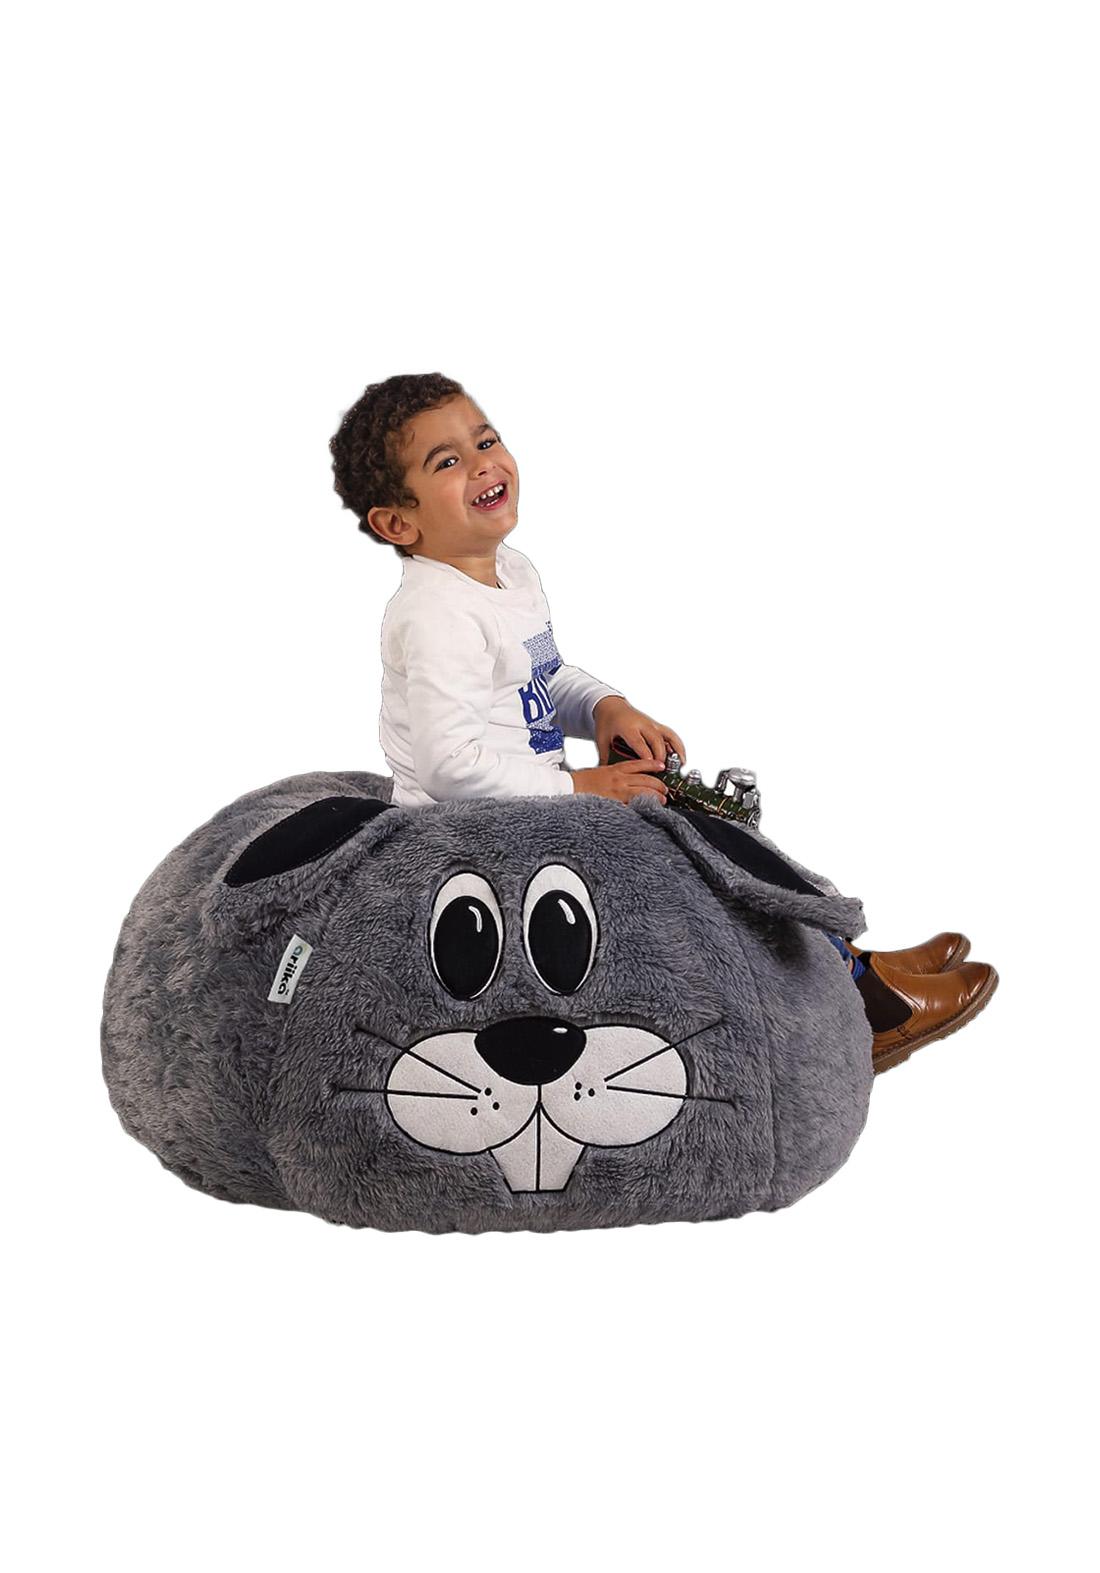 اريكة للاطفال بالفرو بشكل ارنب من ماركة اريكة